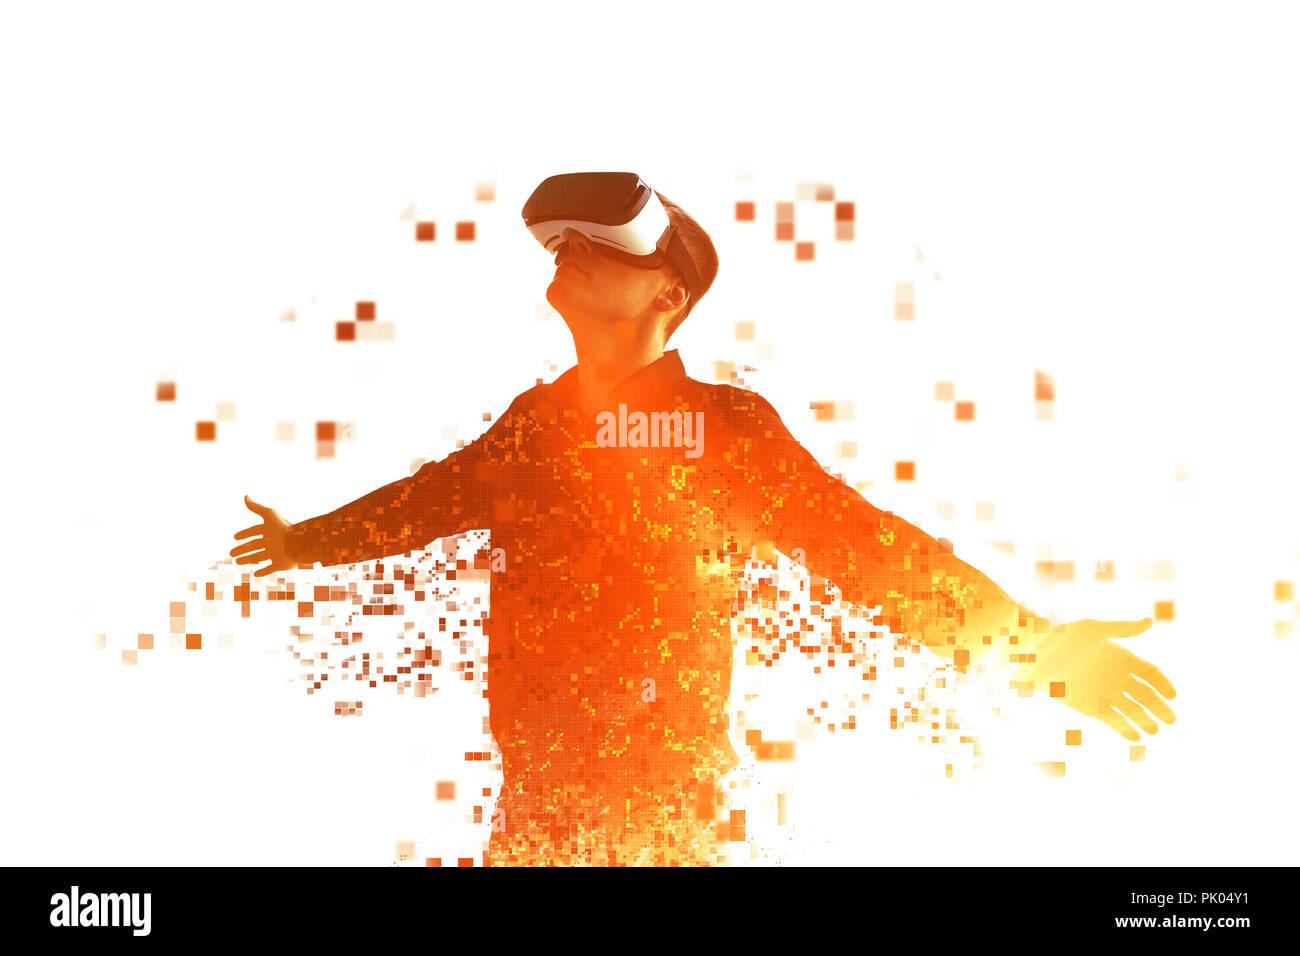 Eine Person in der virtuellen Realität Gläser fliegt in Pixel. Das Konzept der neuen Technologien und Technologien der Zukunft. VR-Brille. Stockbild